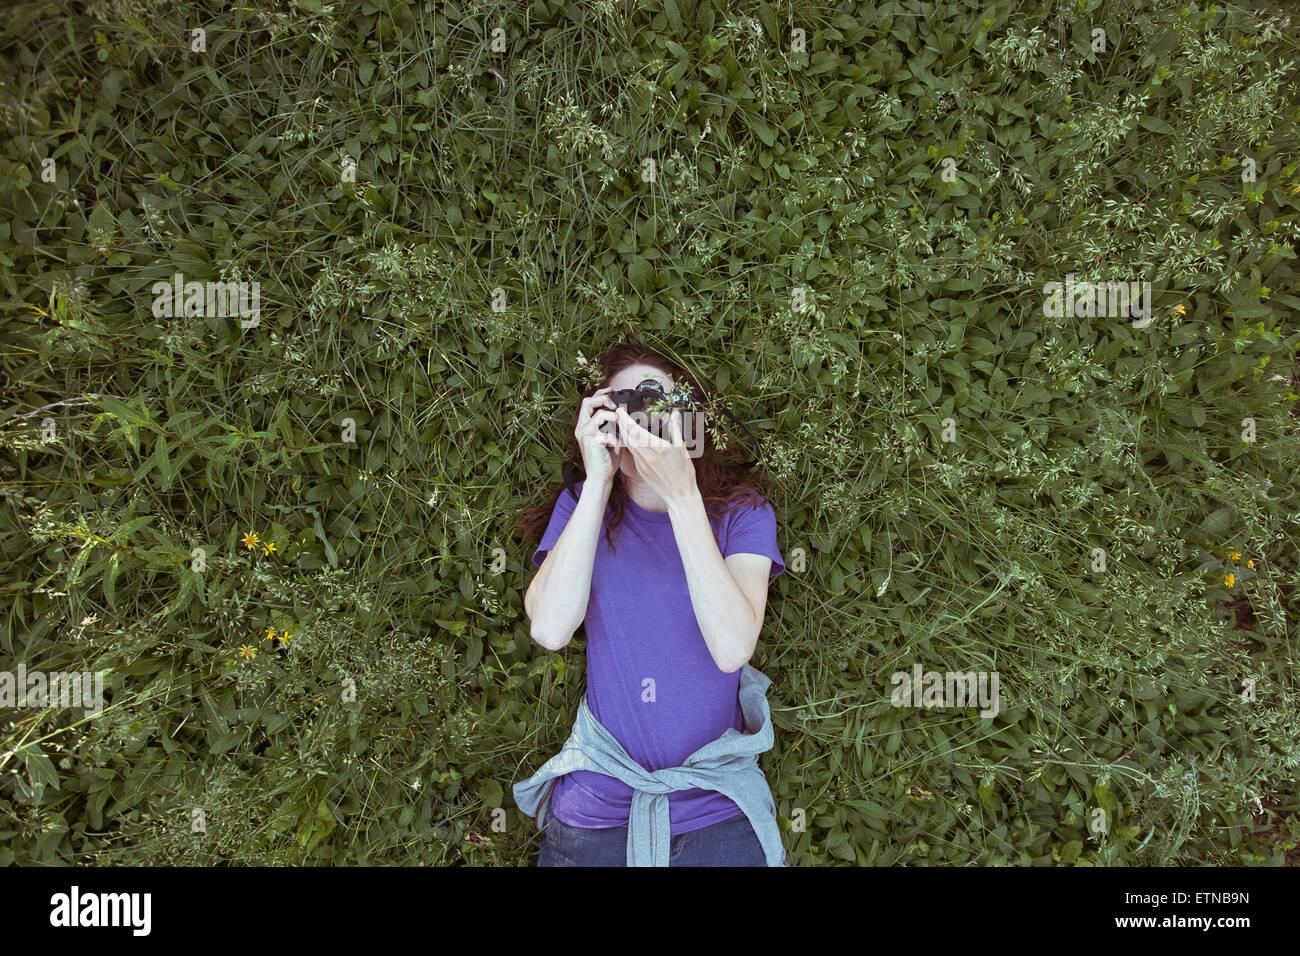 Frau liegend Gras Himmel fotografieren Stockbild